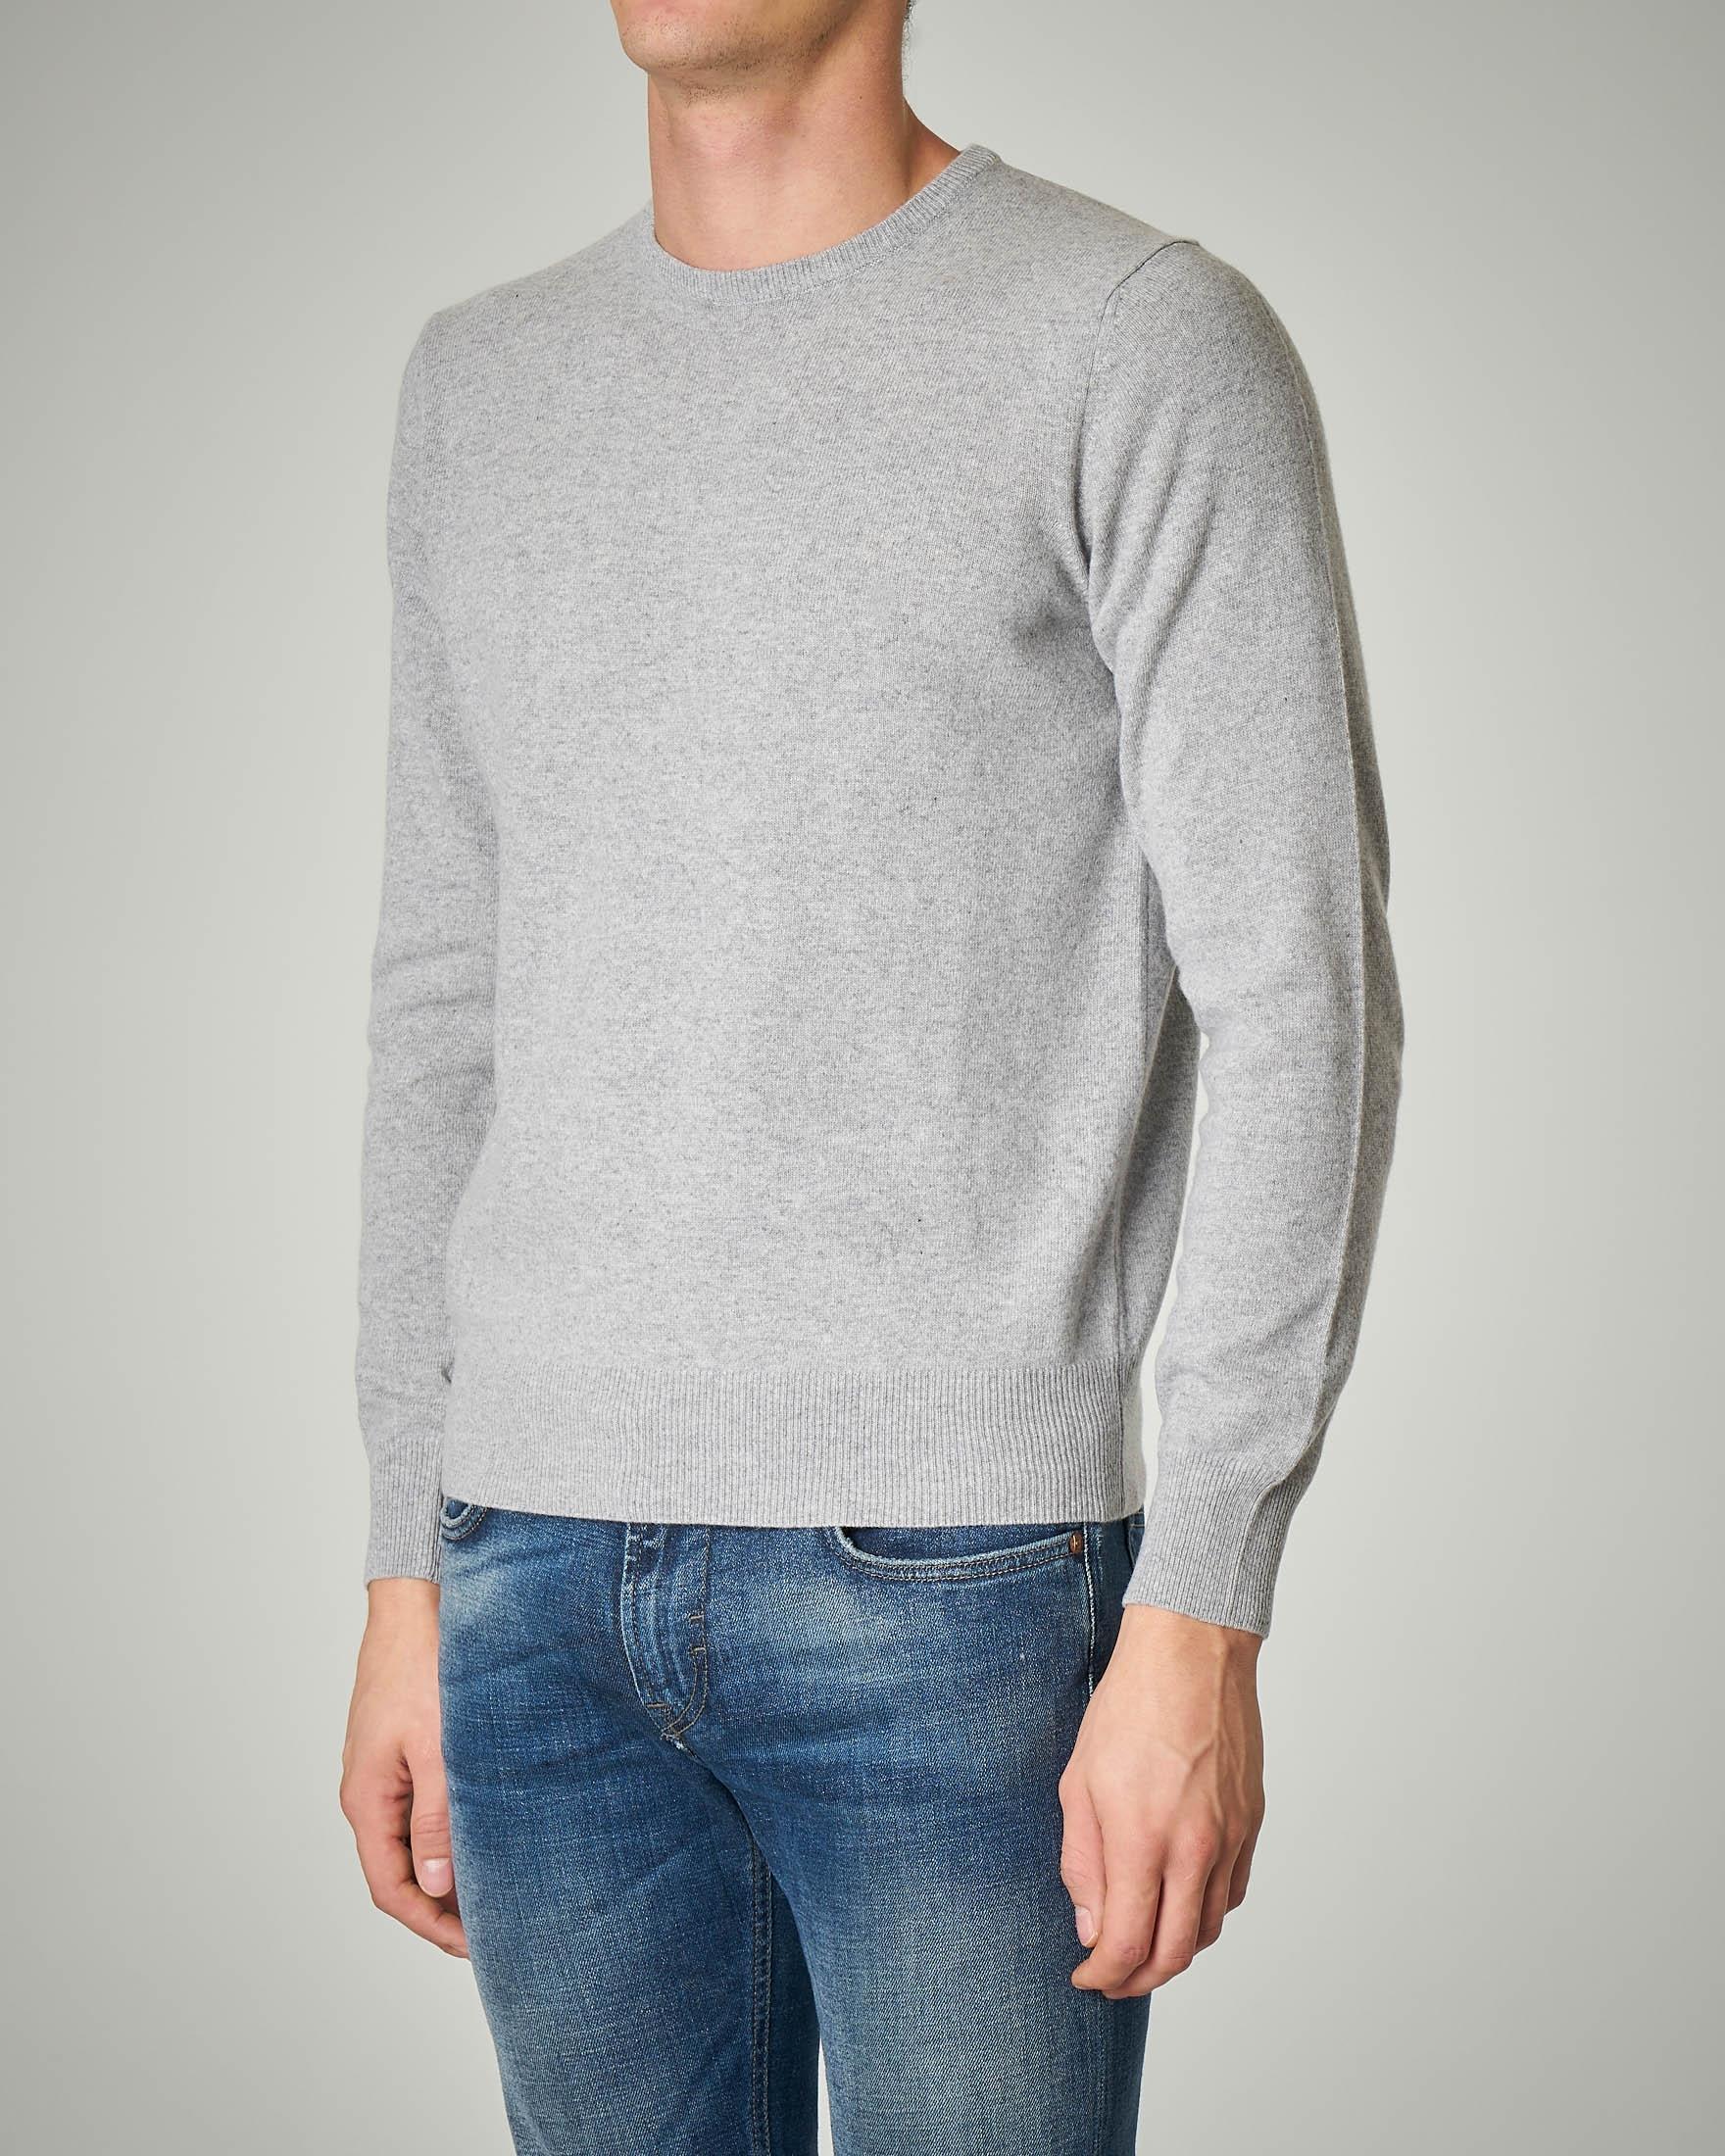 Maglia grigio chiaro girocollo in lana e cachemire